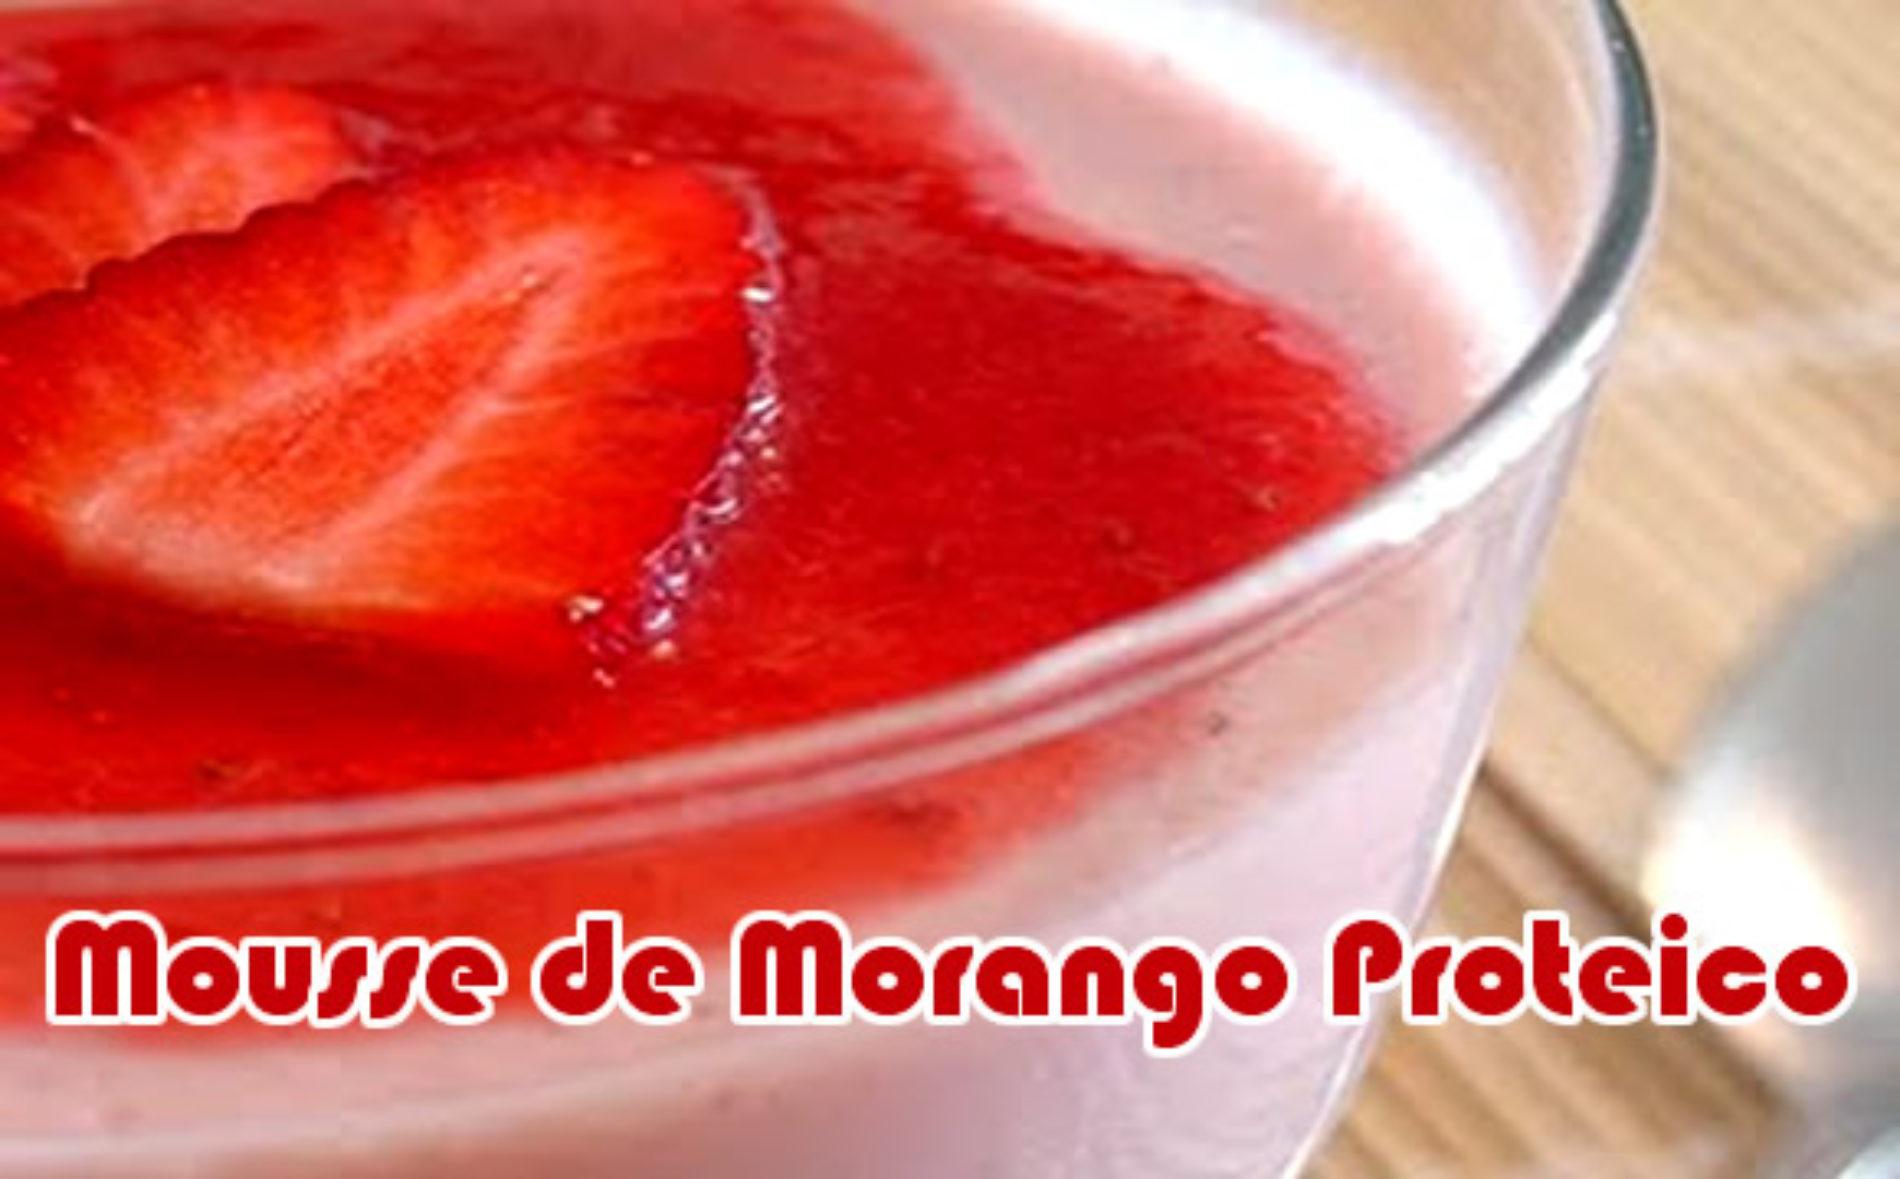 Mousse morango com calda proteico